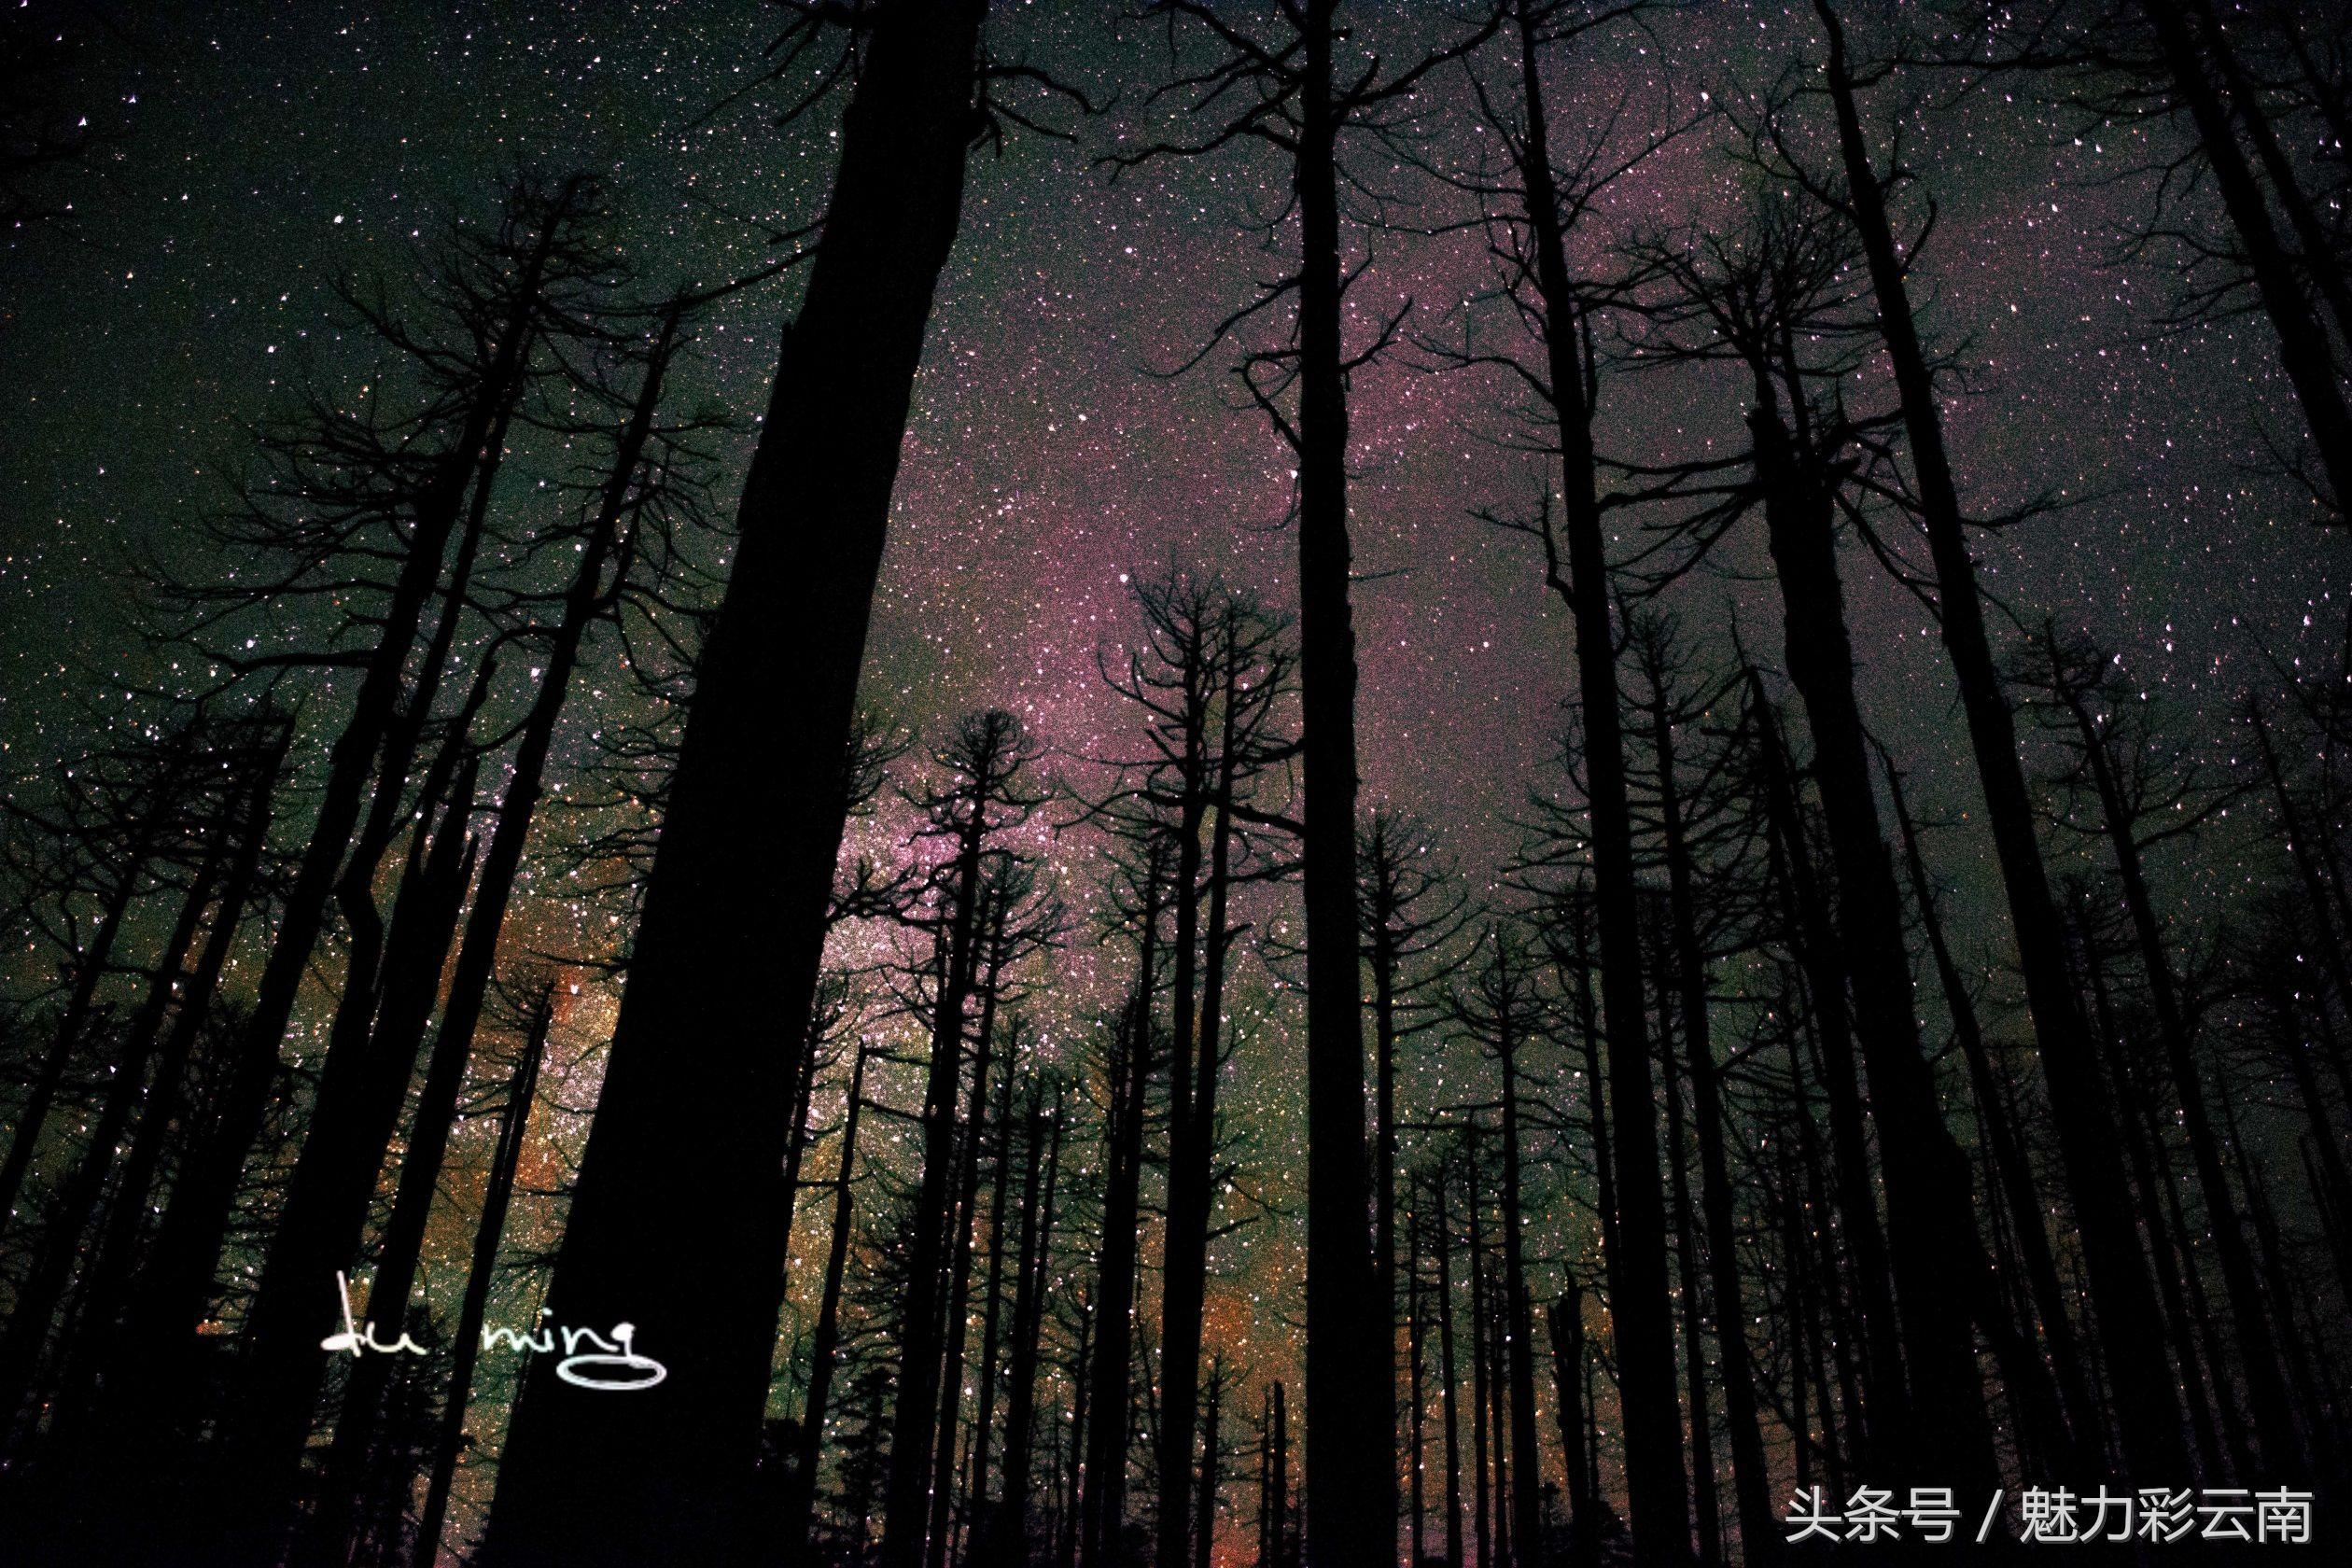 魔幻森林,香格里拉千湖山的星空,这里的夜晚似乎可以摘星辰图片